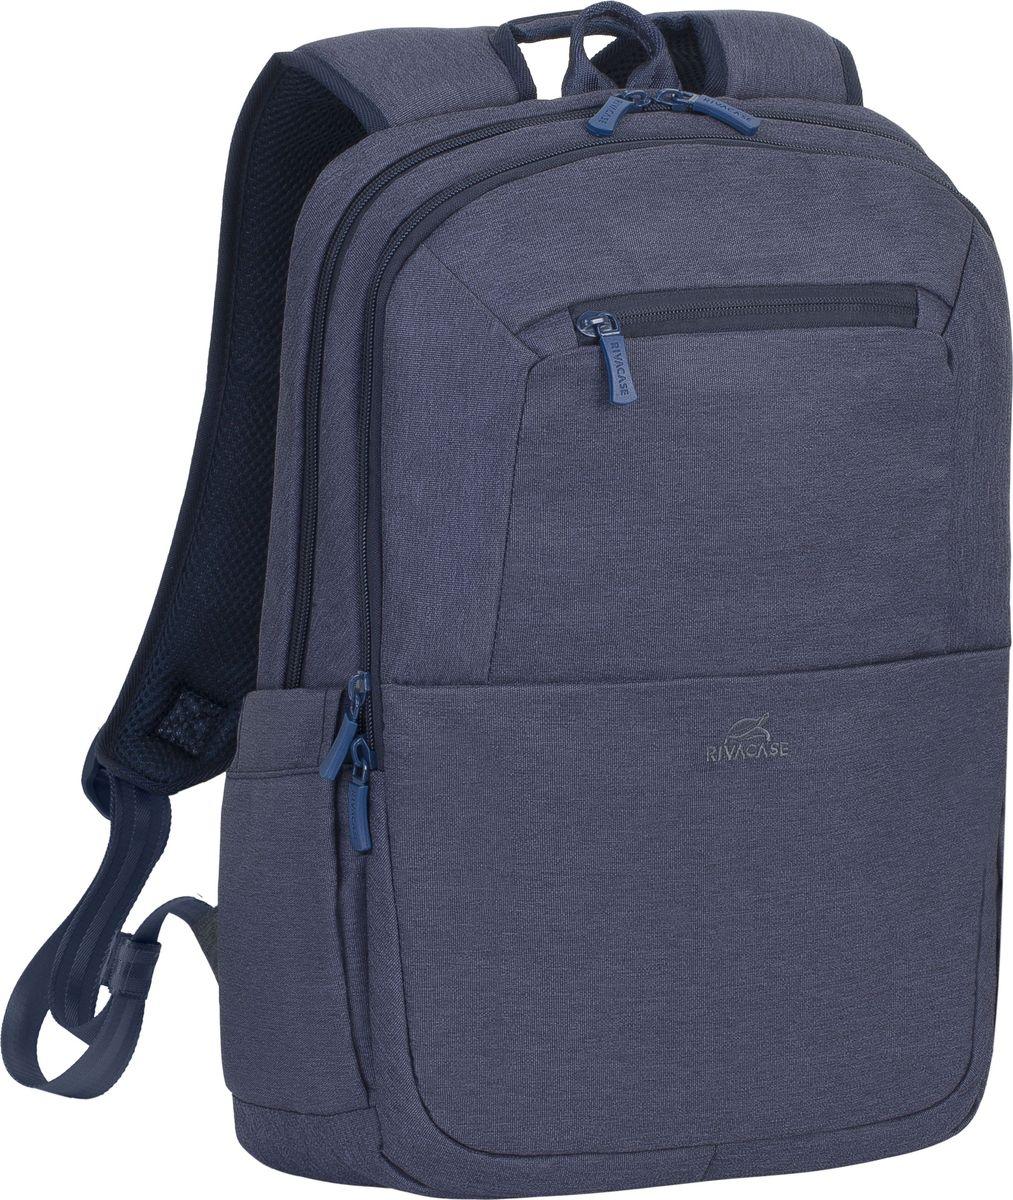 RivaCase 7760, Blue рюкзак для ноутбука 15,64260403571880Рюкзак в спортивном стиле из высококачественной, водоотталкивающей ткани.Легкий, но имеет утолщенные стенки для защиты ноутбука от случайных ударов и царапин, а также от пыли и влаги.Основное отделение для ноутбука с вертикальной загрузкой, имеет мягкие стенки и ремень для надежной фиксации ноутбука до 15.6.Дополнительное внутреннее отделение для планшета до 10.1.Внешнее переднее отделение на молнии для хранения аксессуаров, также оборудовано панелью-органайзером для хранения визитных карт, флэш-накопителей, смартфона. Также на передней панели карман на молнии для различных мелочей.Два боковых кармана для емкостей с водой.Двойная застежка молния для удобного доступа к устройству.Удобная мягкая ручка для переноски и наплечные ремни со смягчающими подкладками помогут чувствовать себя комфортно в самом долгом путешествии.На задней стенке имеется ремень крепления к багажной сумке и скрытый карман на молнии для паспорта, бумажника.Специальная система крепления ремешков на липучке закрепляет их и создает дополнительное удобство.